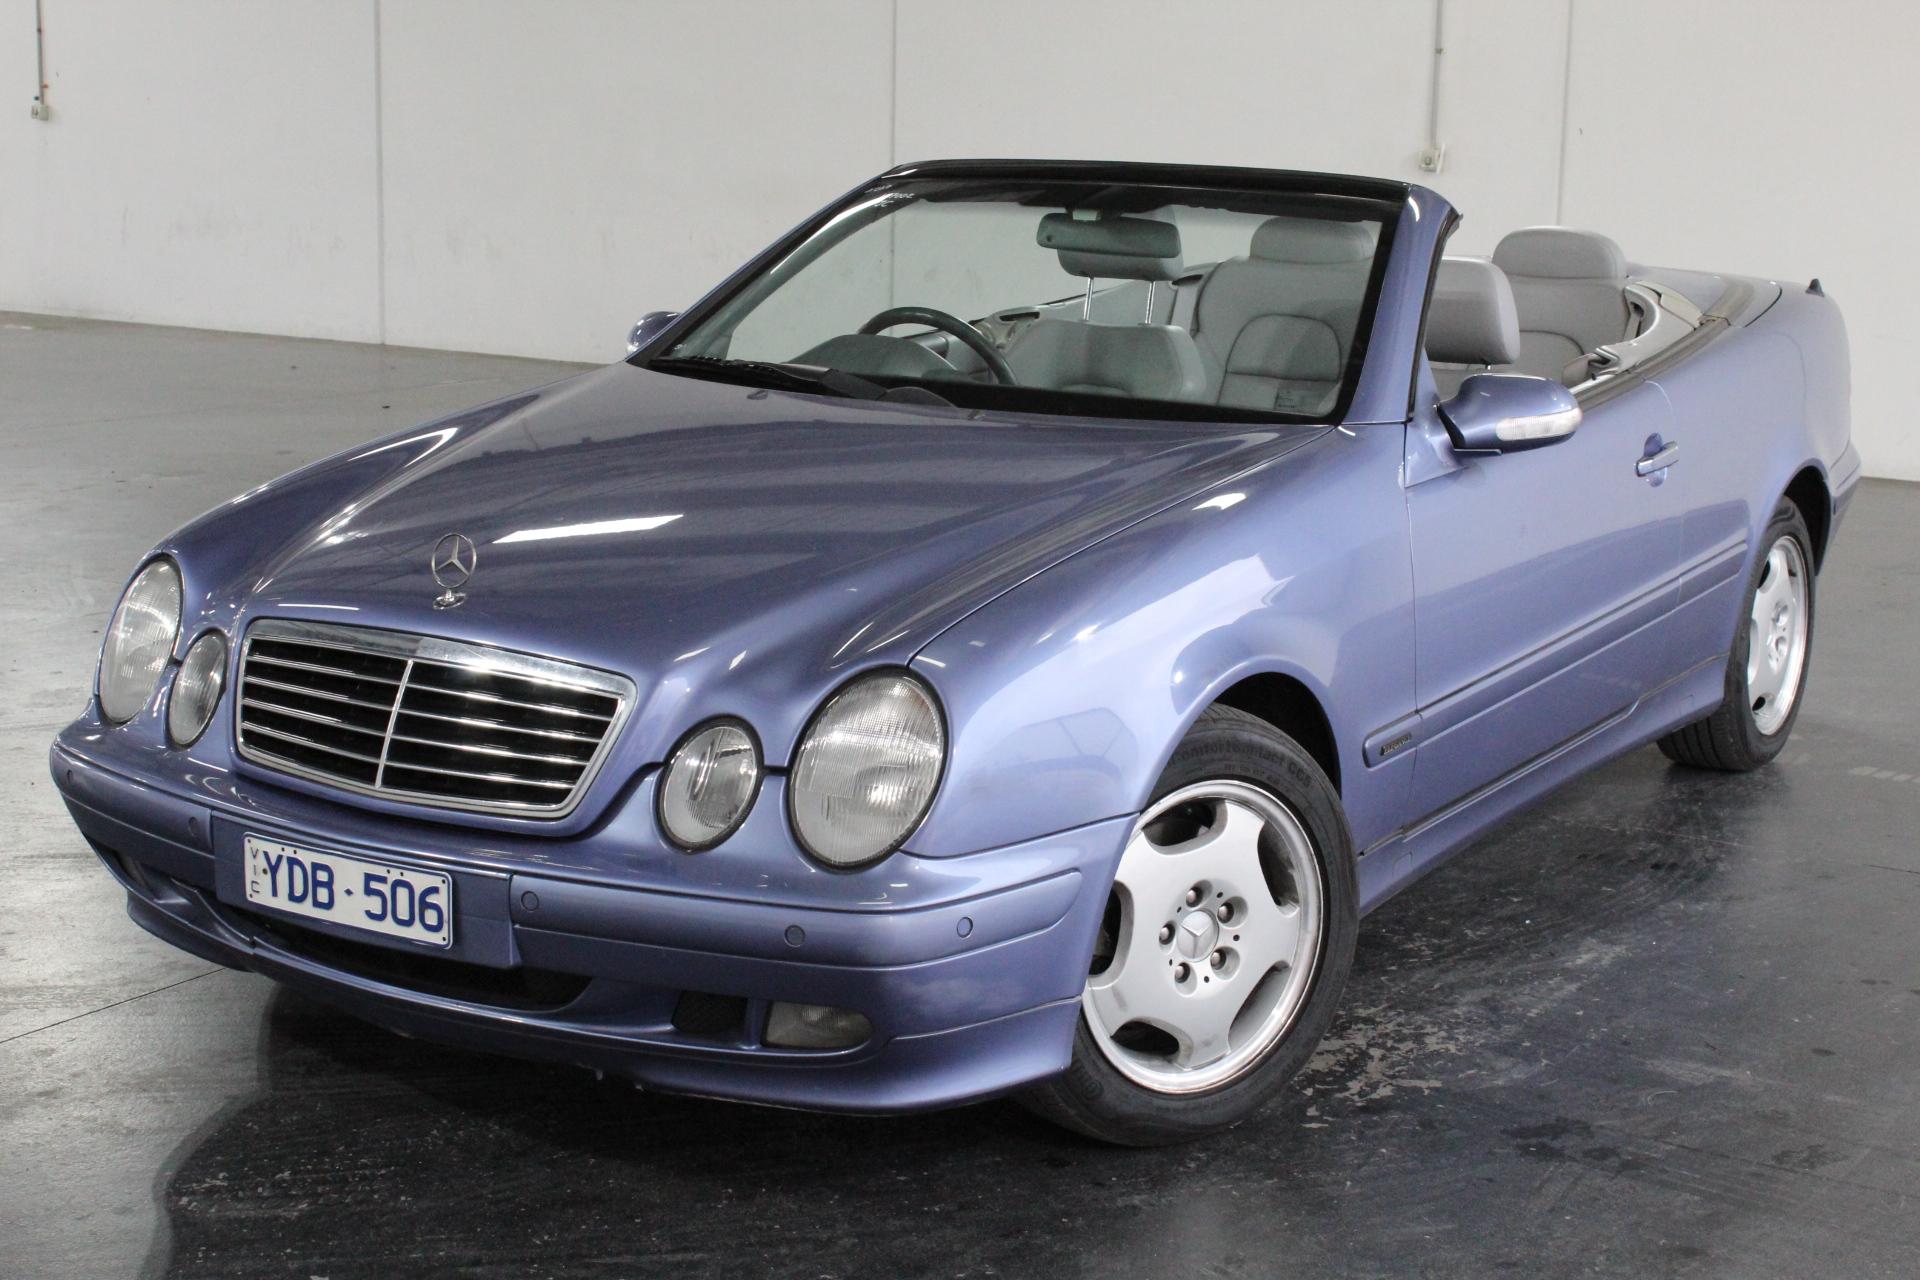 2000 Mercedes Benz CLK320 Elegance A208 Automatic Convertible